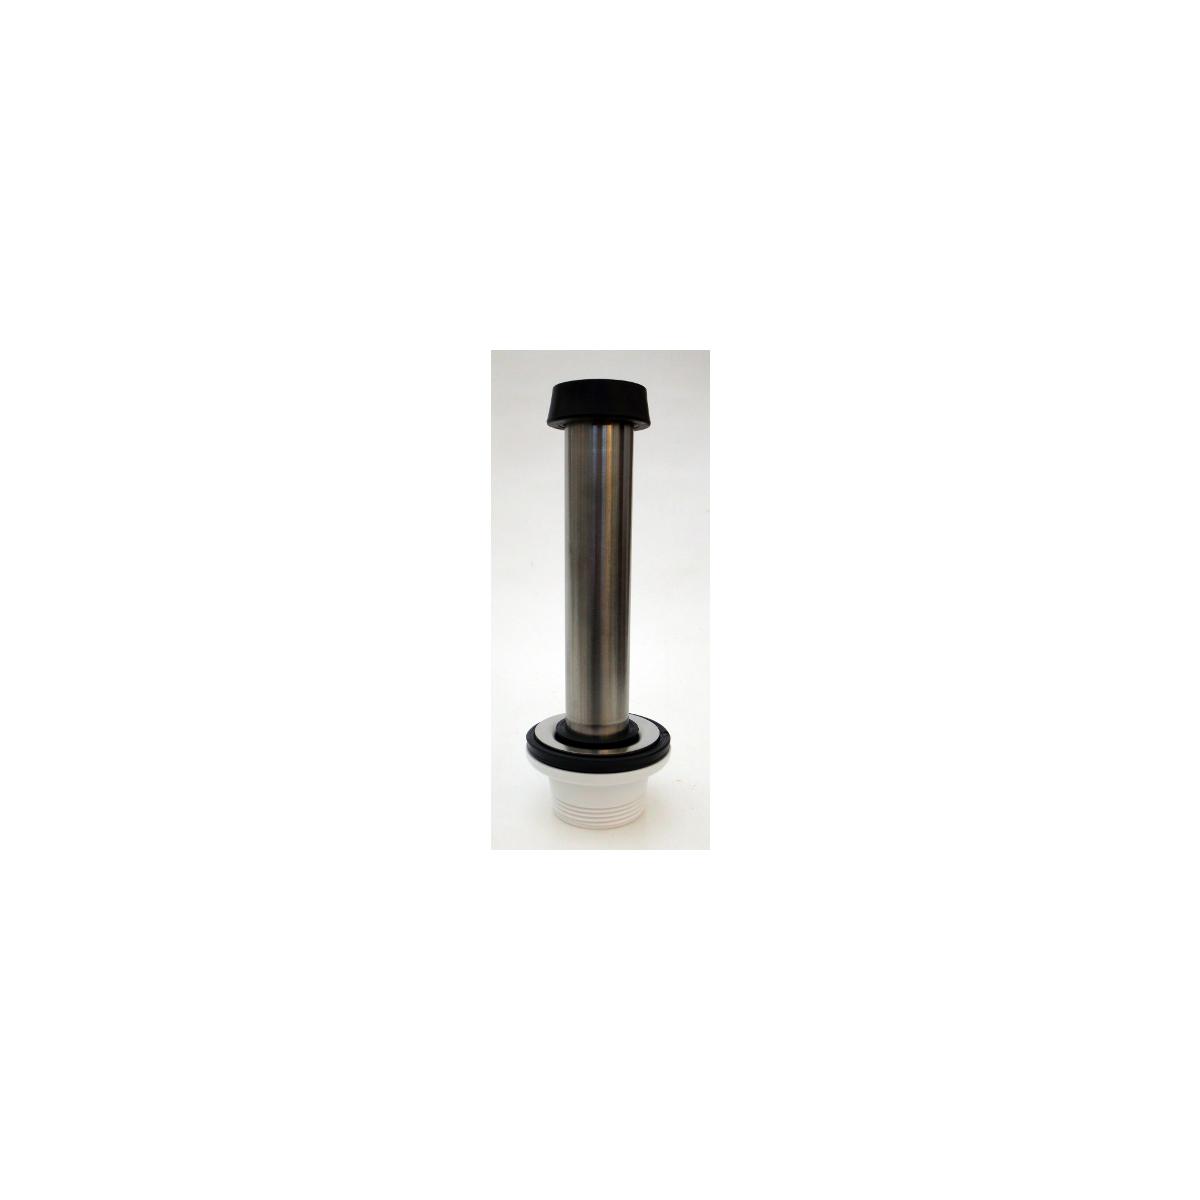 Ab und Überlaufgarnitur 1 14 Zoll für 200 mm Beckentiefe ~ Spülbecken In Arbeitsplatte Einlassen